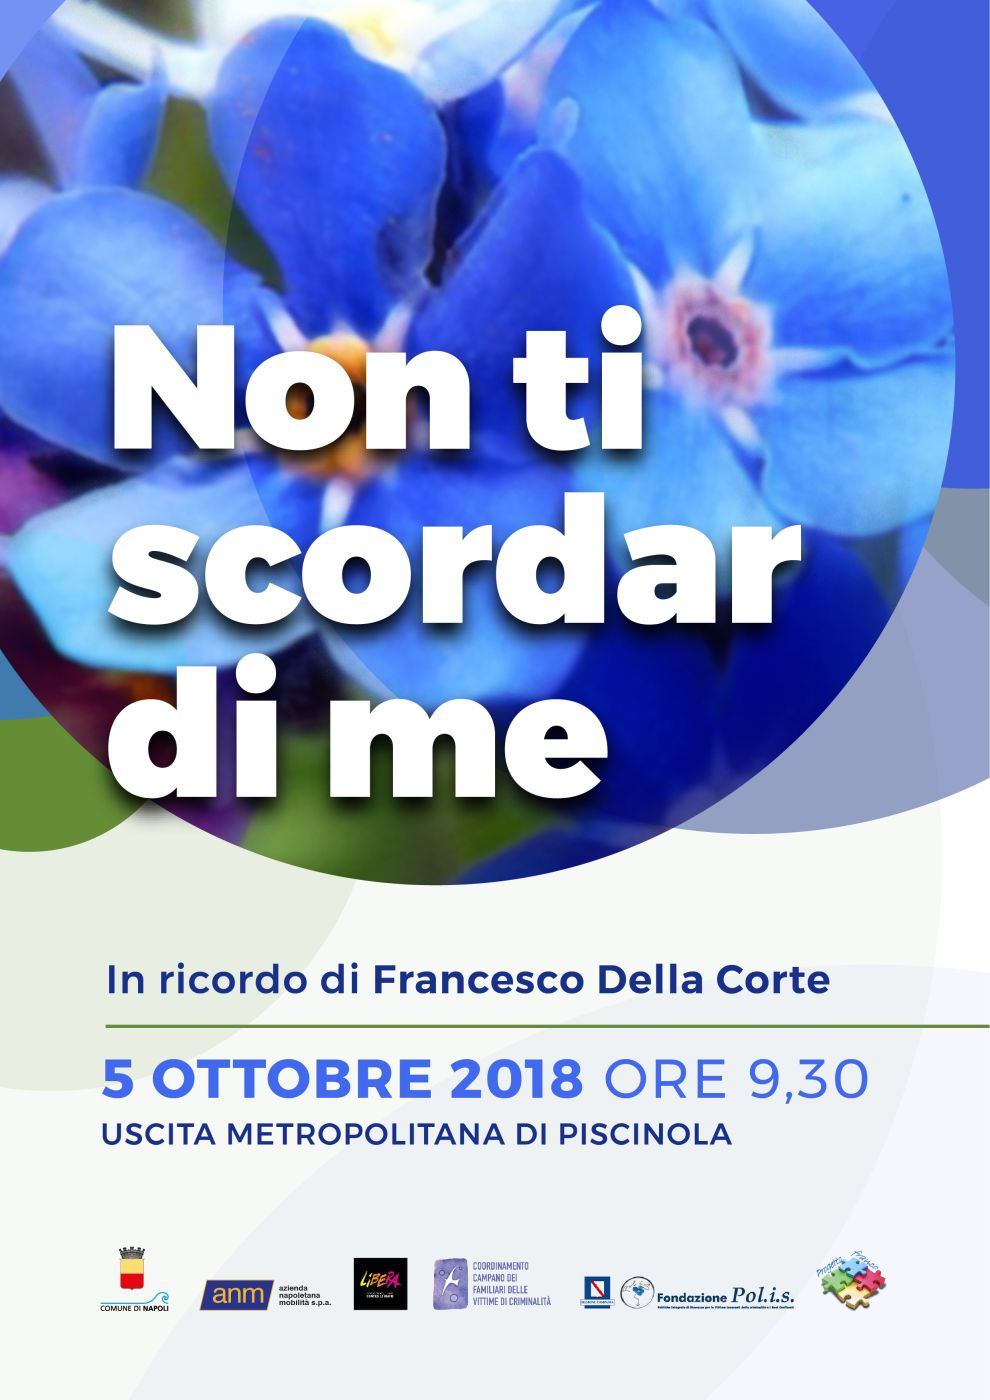 Venerdì 5 ottobre 2018 giornata commemorativa dedicata a Francesco Della Corte